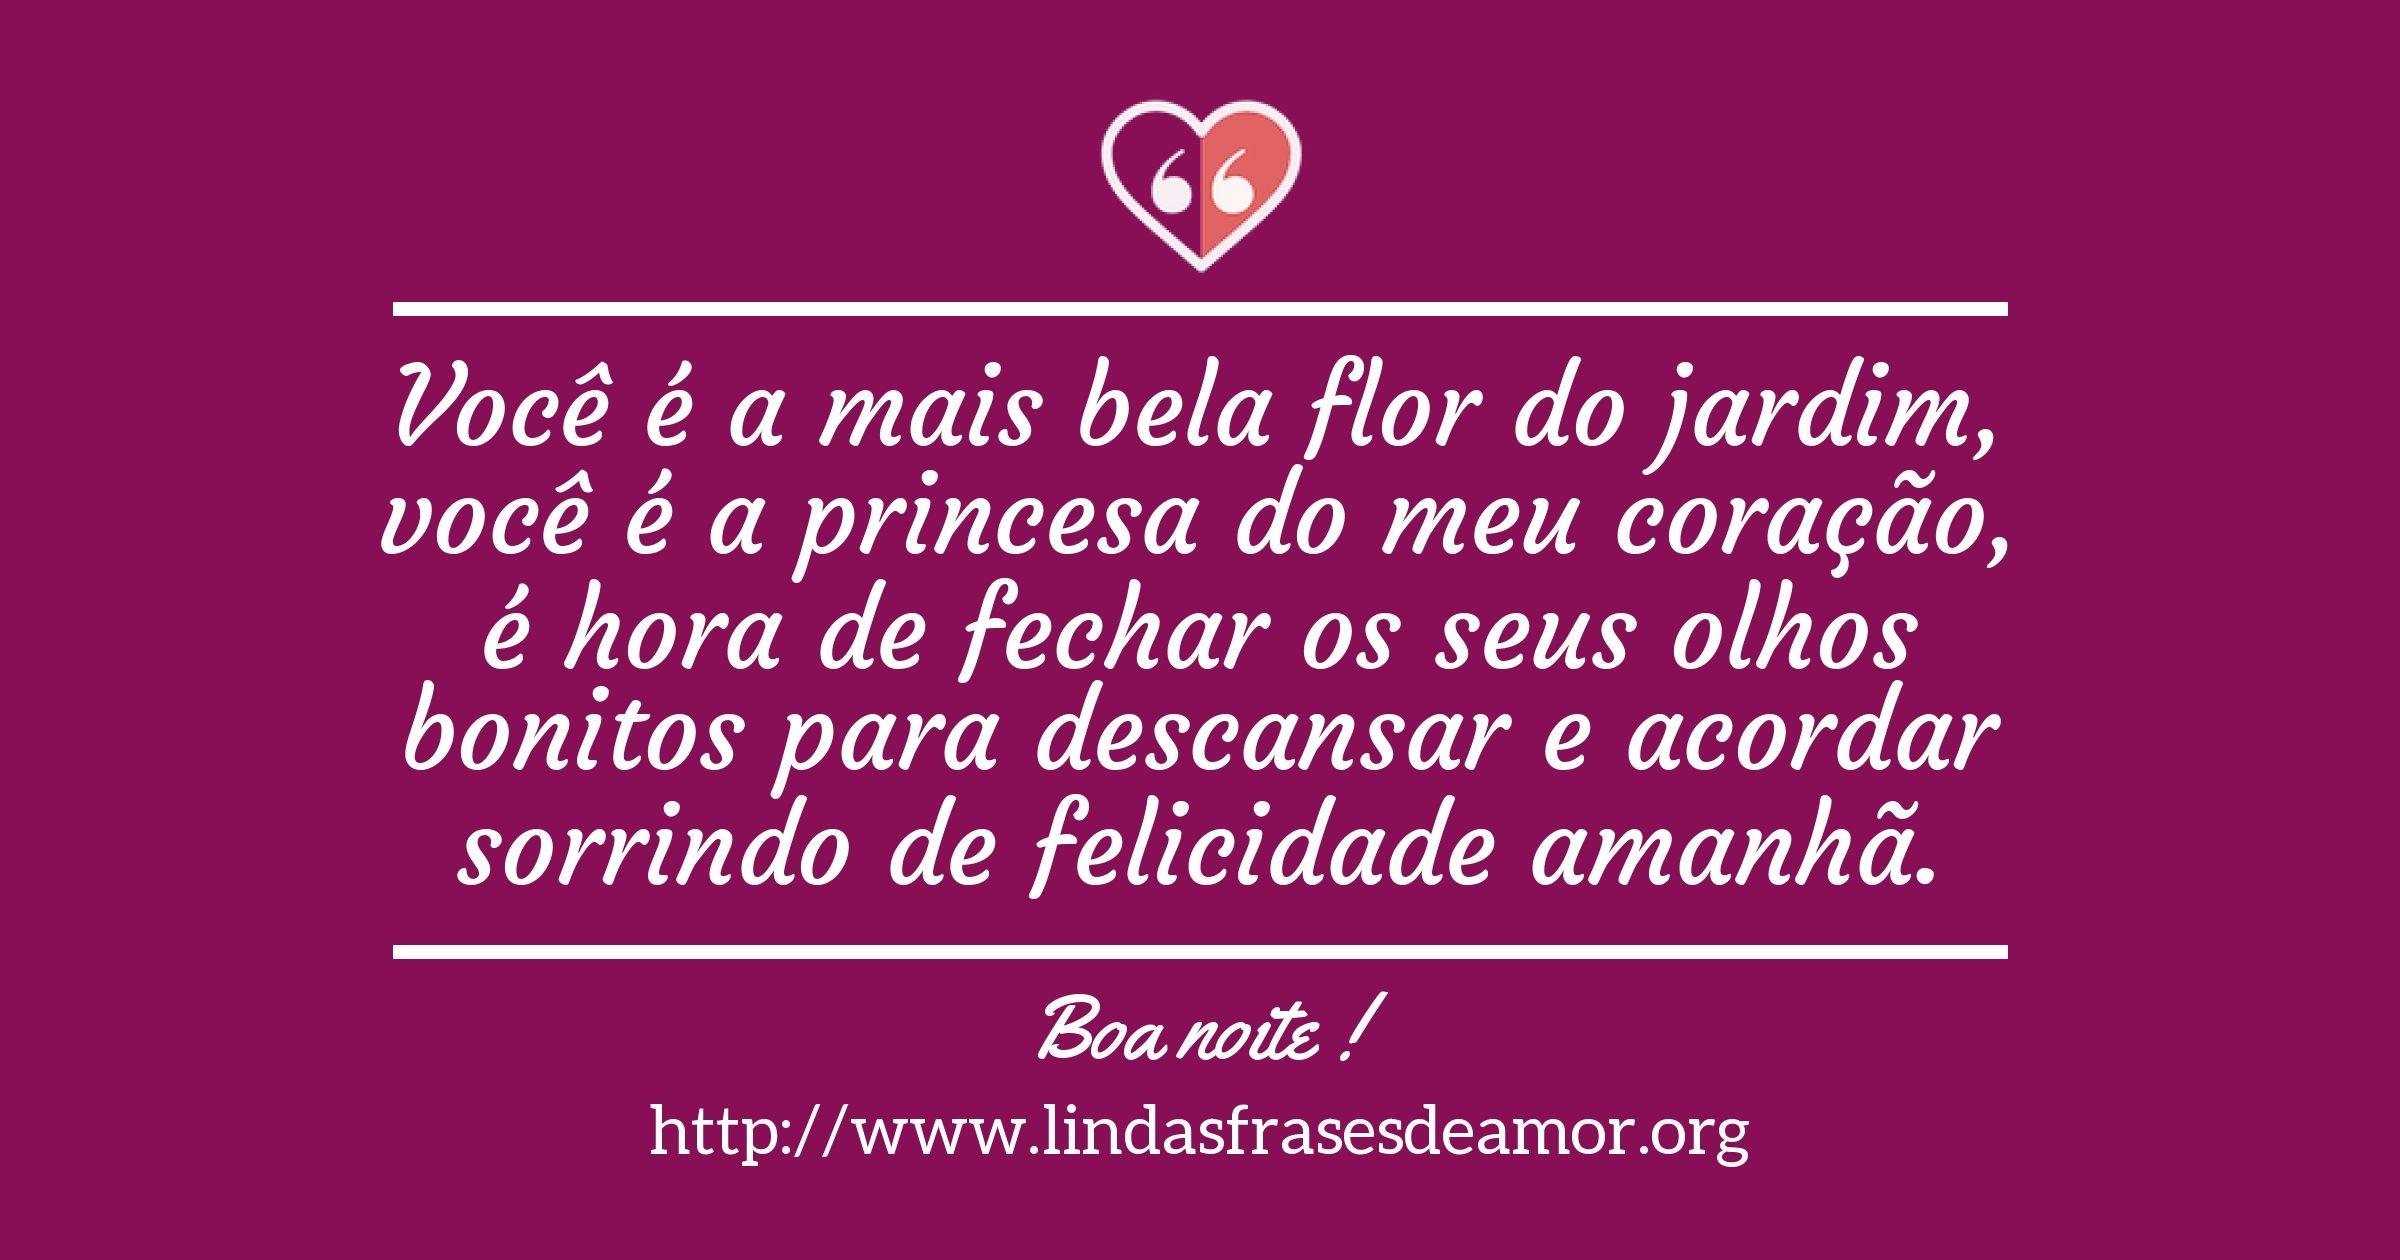 Você é a mais bela flor do jardim, você é a princesa do meu coração, é hora de fechar os seus olhos bonitos para descansar e acordar sorrindo de felicidade amanhã. http://www.lindasfrasesdeamor.org/mensagens/amor/boa-noite